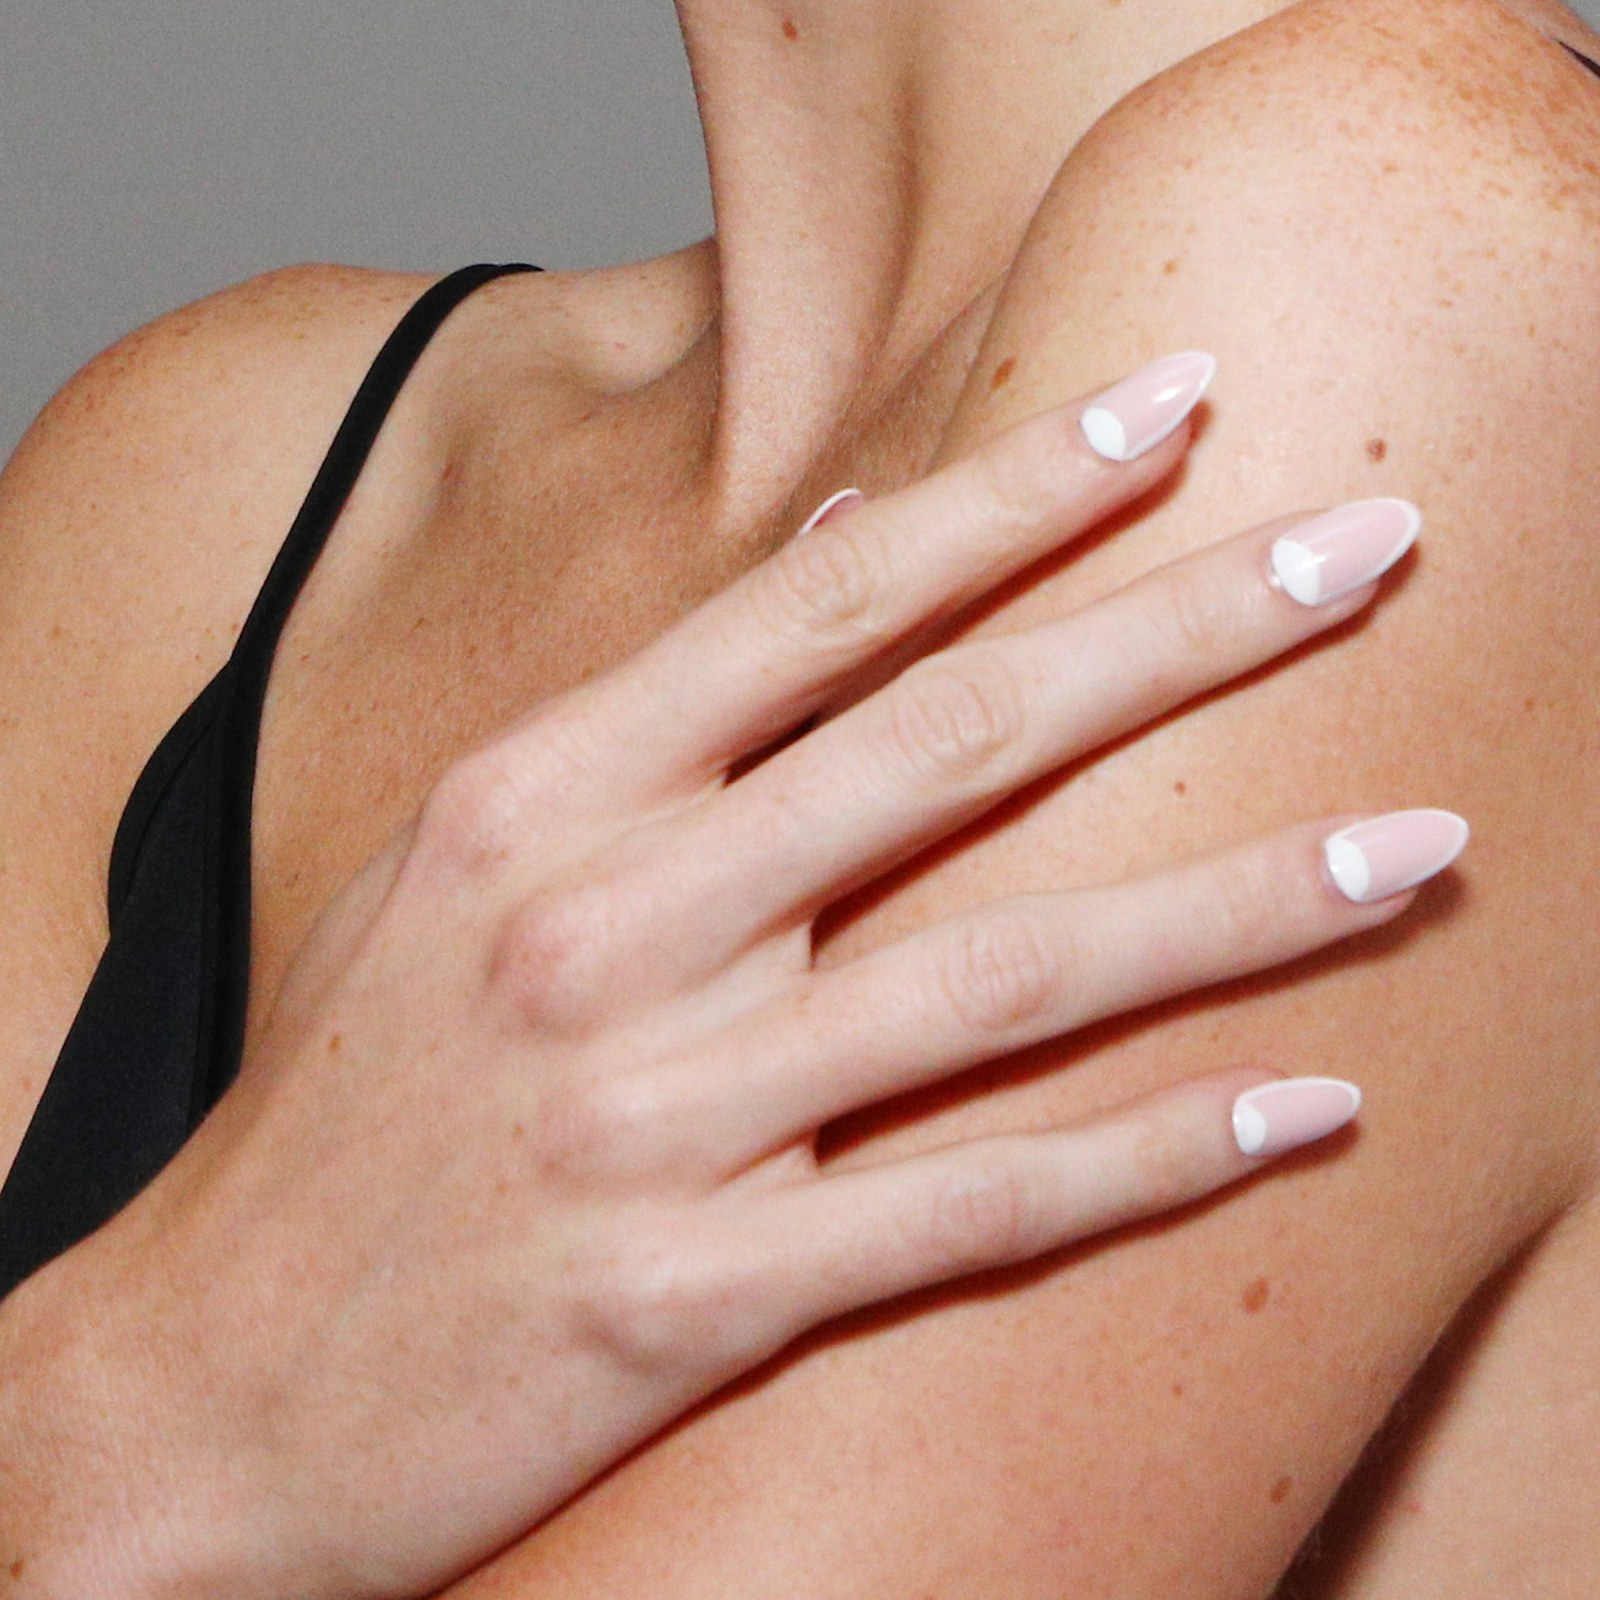 precioso manicura, bonitas tendencias en las uñas, uñas largas francesas con media luna, diseños de uñas bonitos